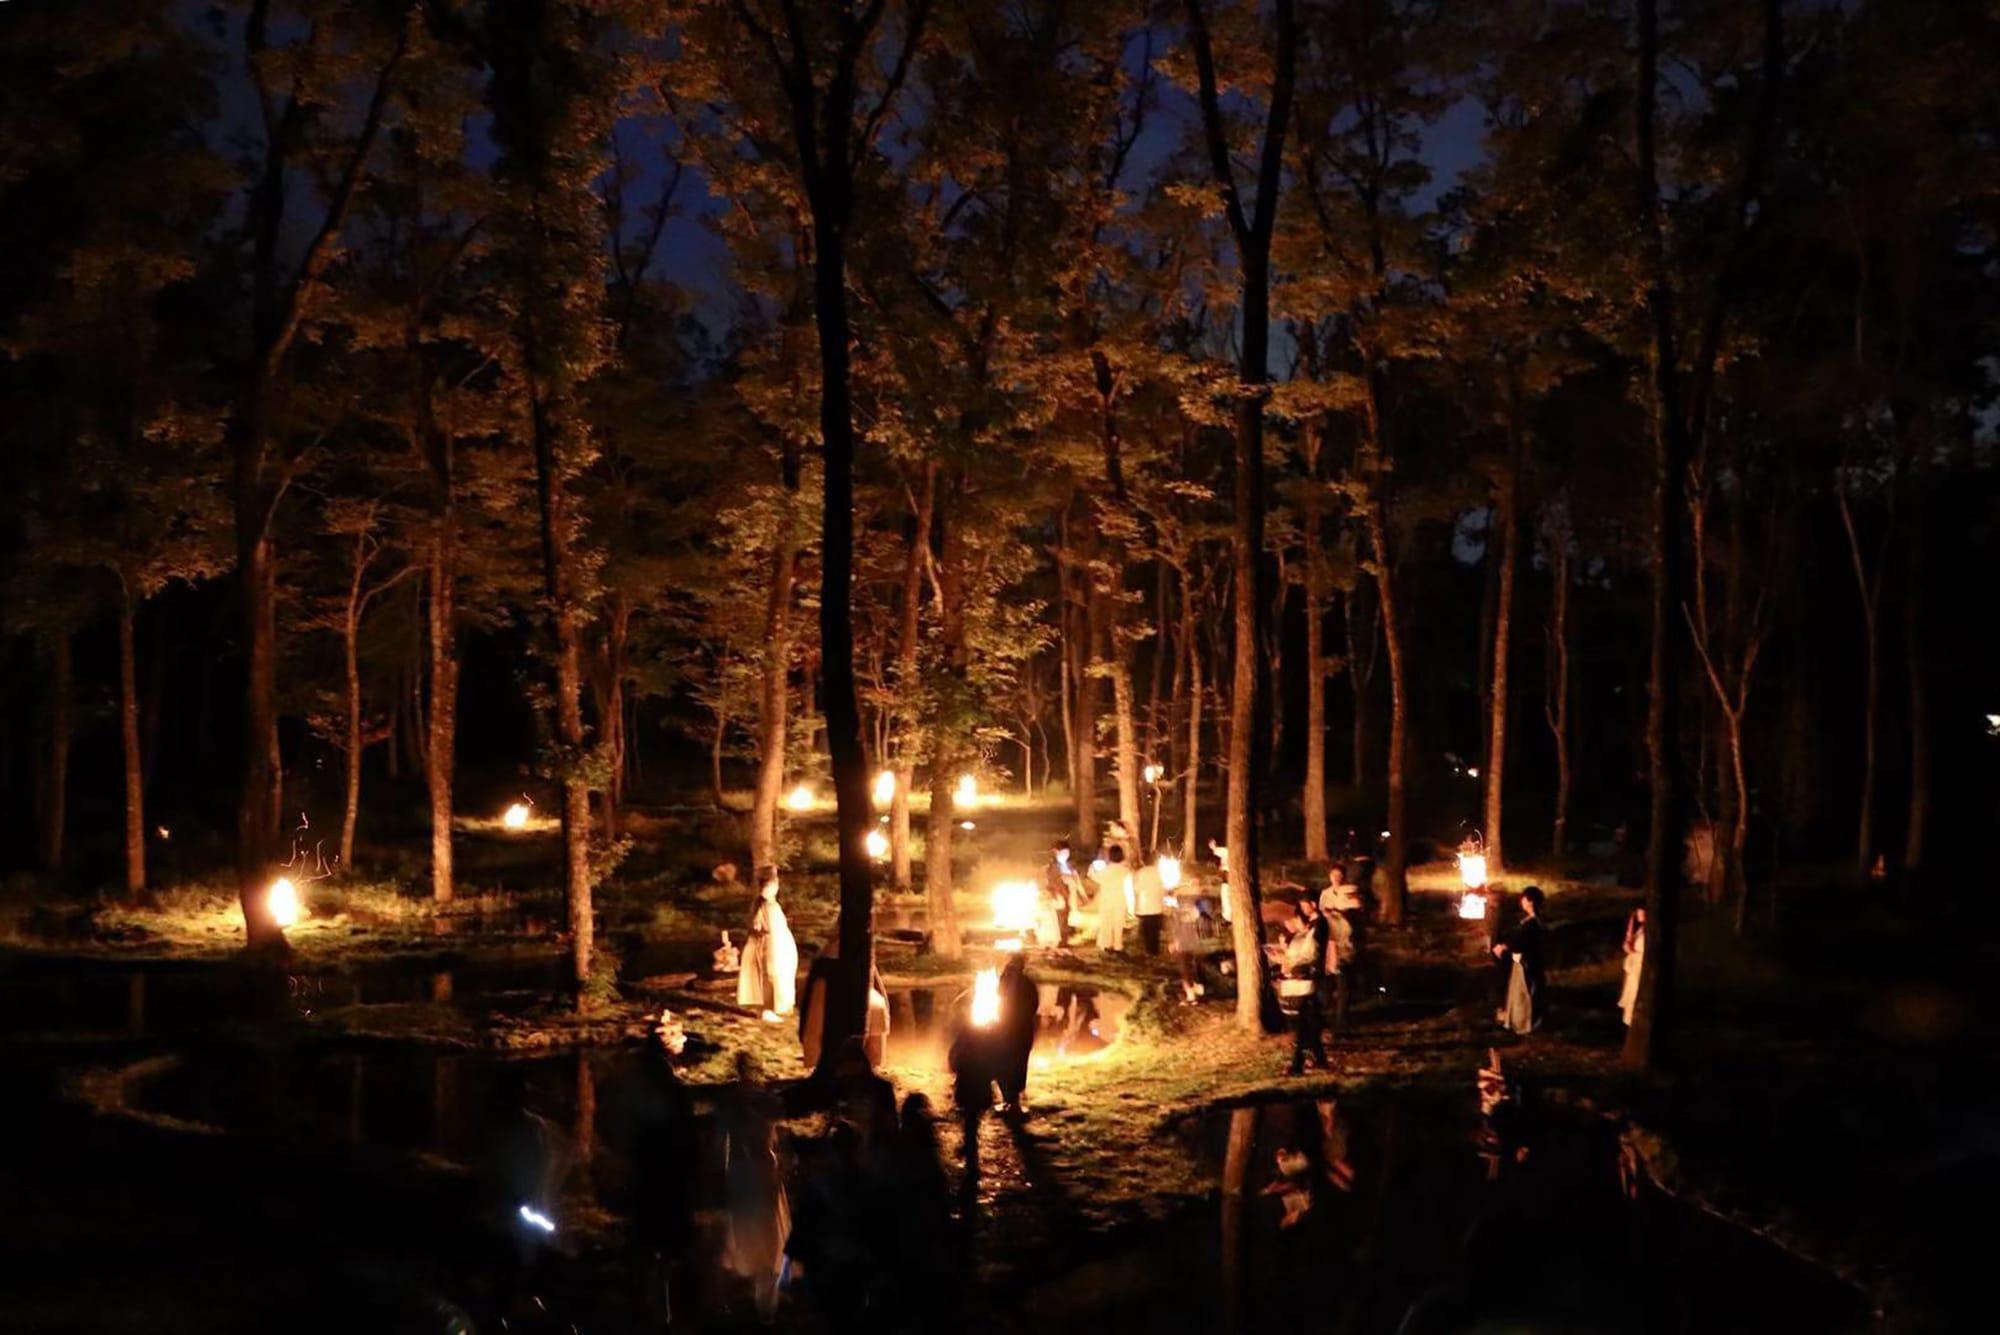 「水庭と空和」アートナイトイベント・インスタレーション。2019年10月に開催された「山のシューレ」では、夜の水庭で能楽師、安田登が舞を披露した。このために制作した近藤の作品(大蔵寂土水火盤)に火を灯した。